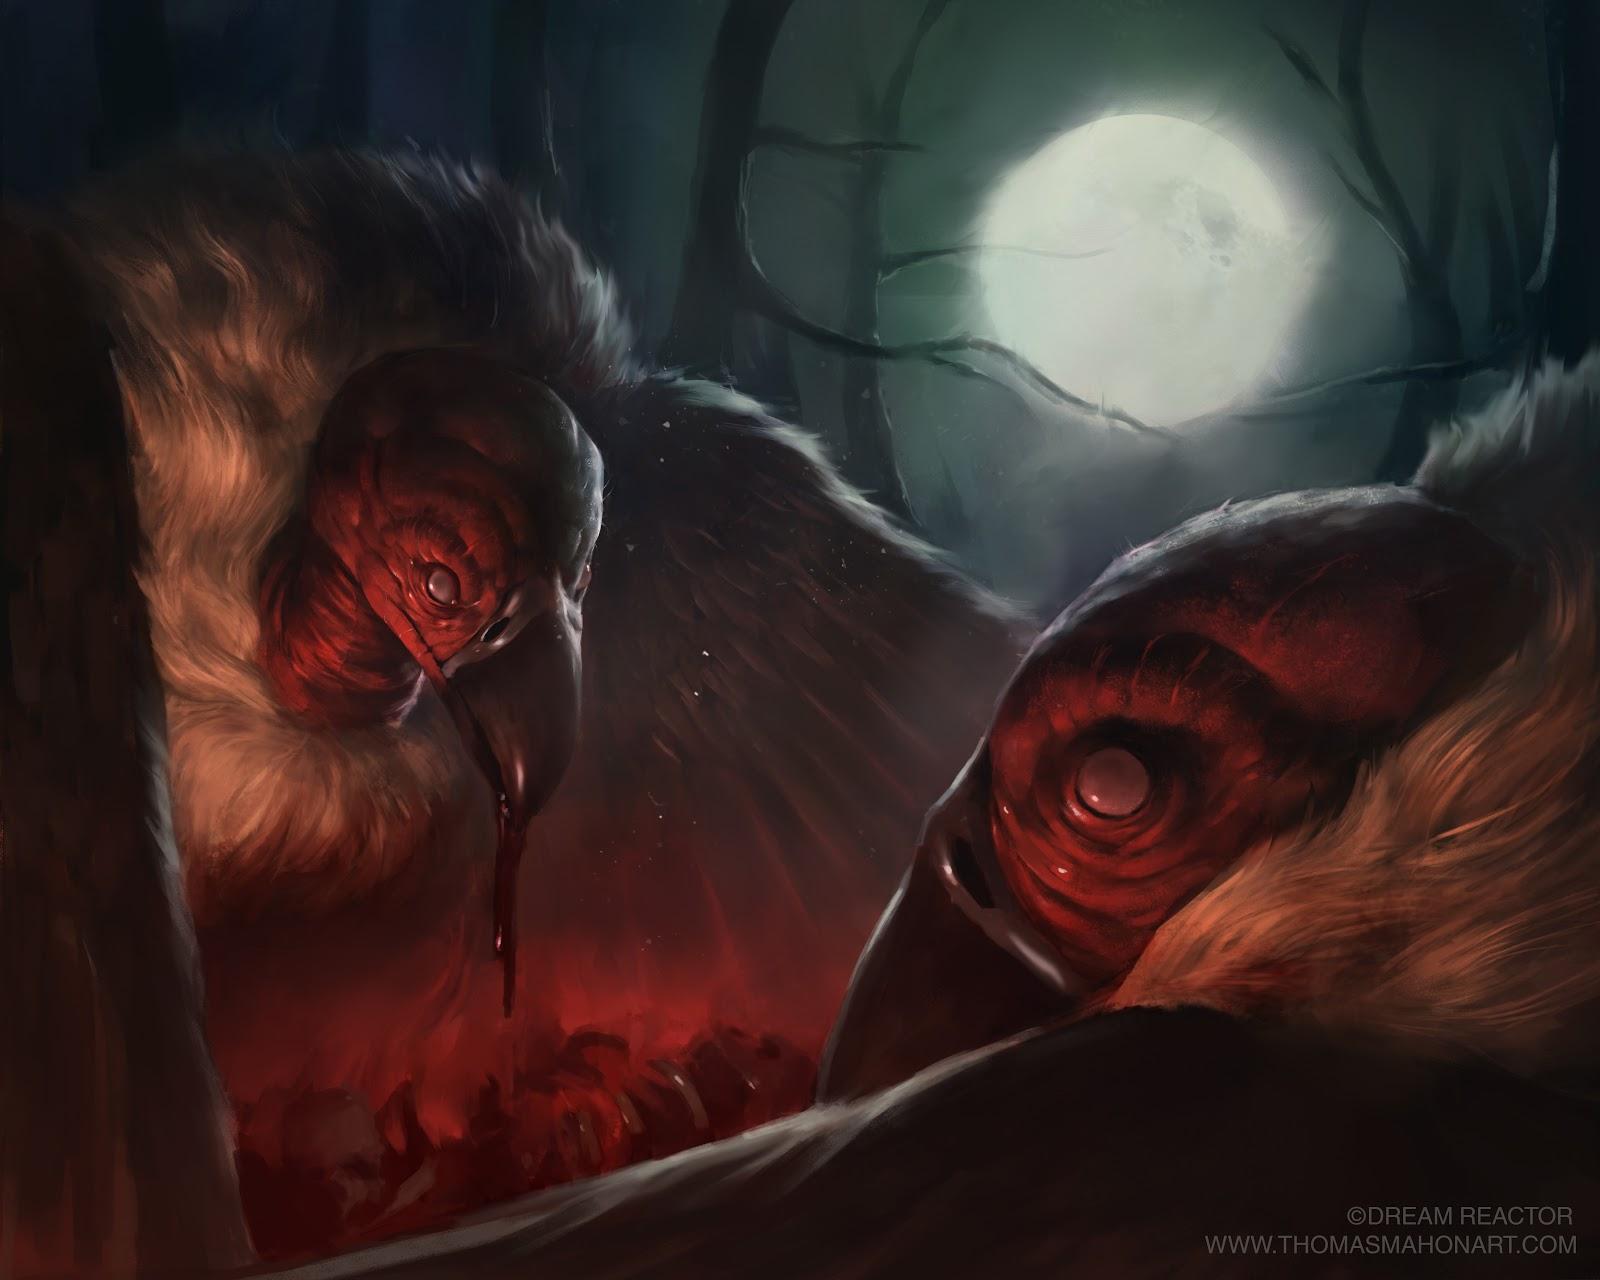 Description des lieux et monstres présents OWXg_Iighac4YpPrtpiS6VEiDMAxjGFzuc5TcY2WuqaZaYBKNkBDBd1OQaeqXpNcWn2Onc49gy4ng8XotKfLMPX3cA1FWEnpDFGwmPqsRVbyMPT5HlY-mX_cUrFELLYB18VwF6kP